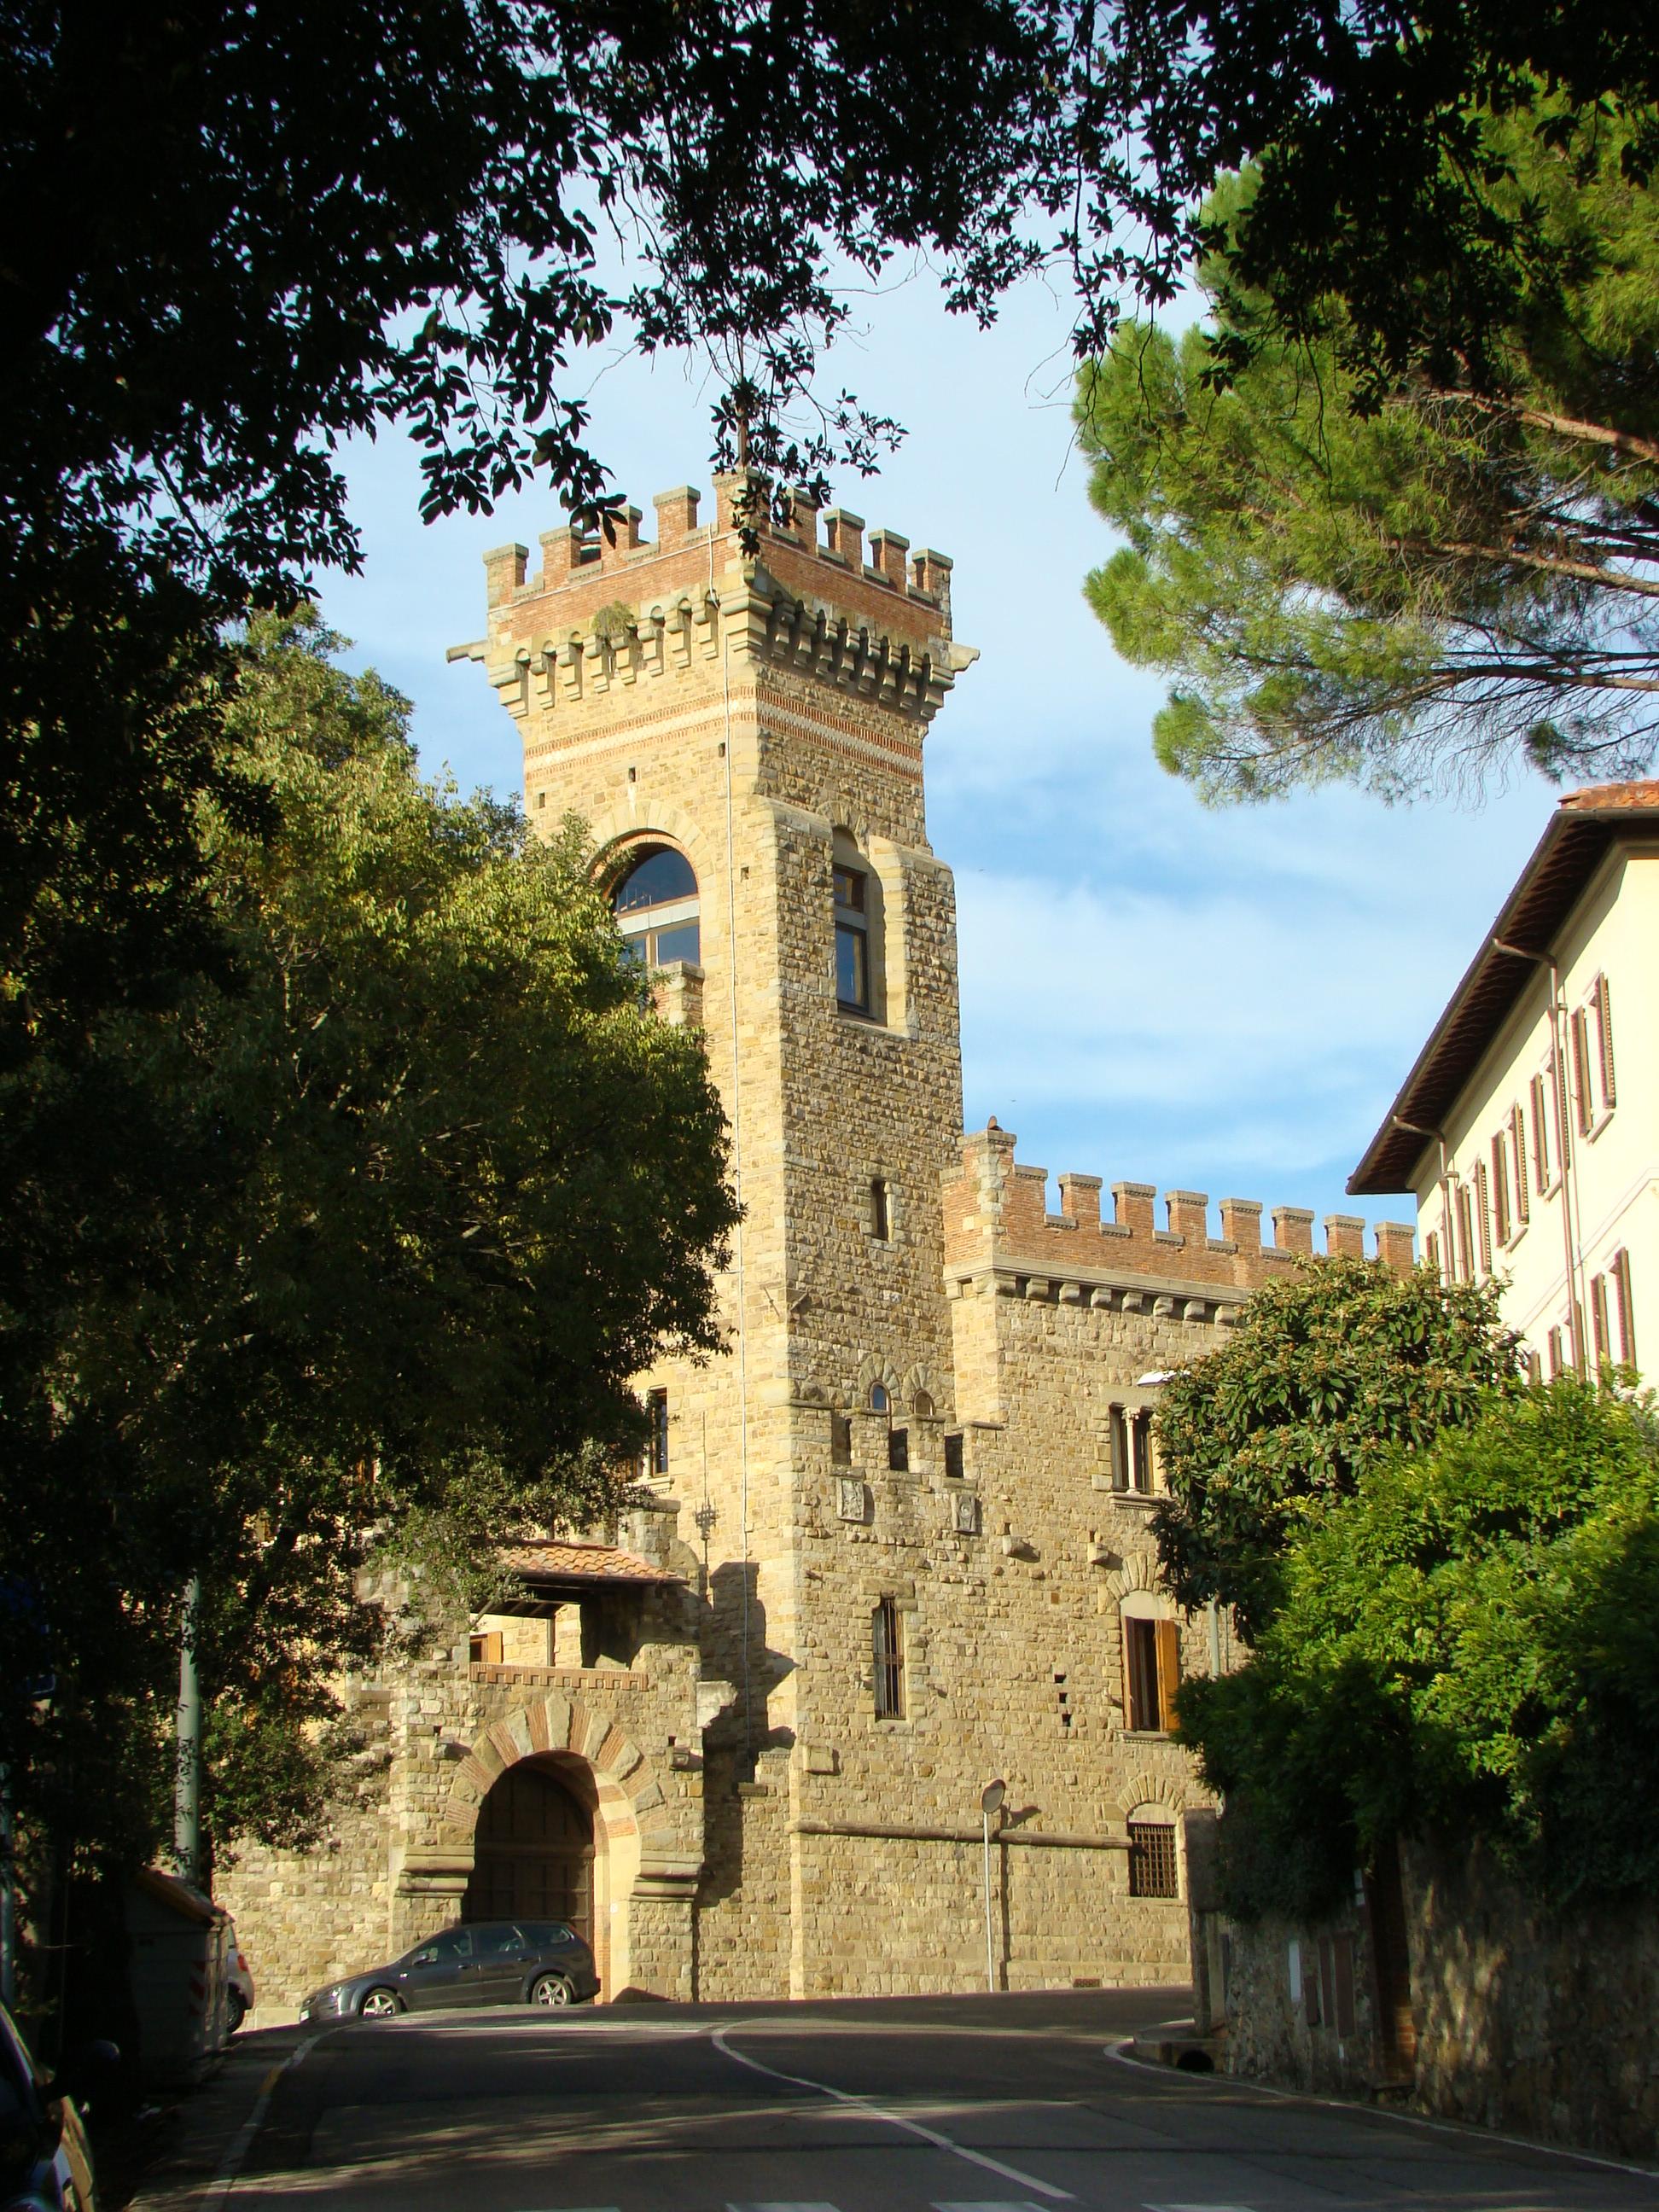 Castello di Mezzaratta (di Giuliana Profeti)